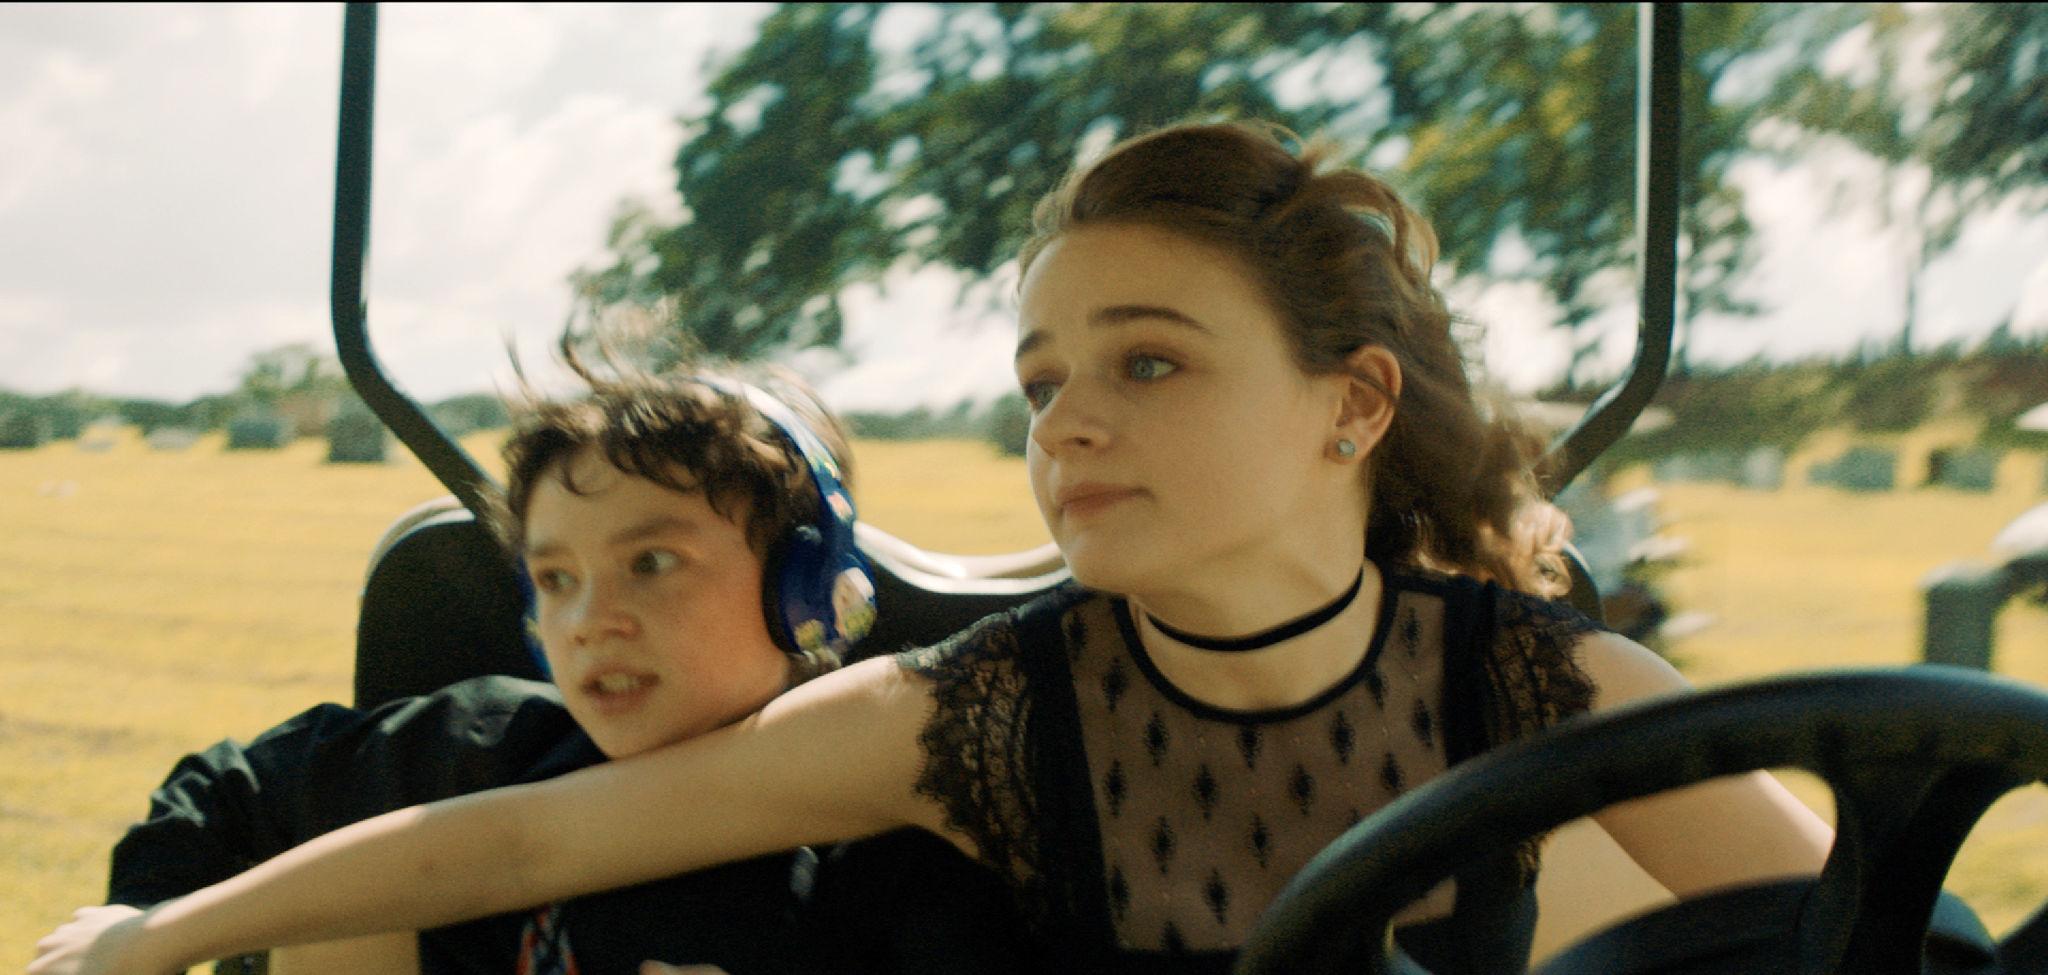 Summer 03 Film